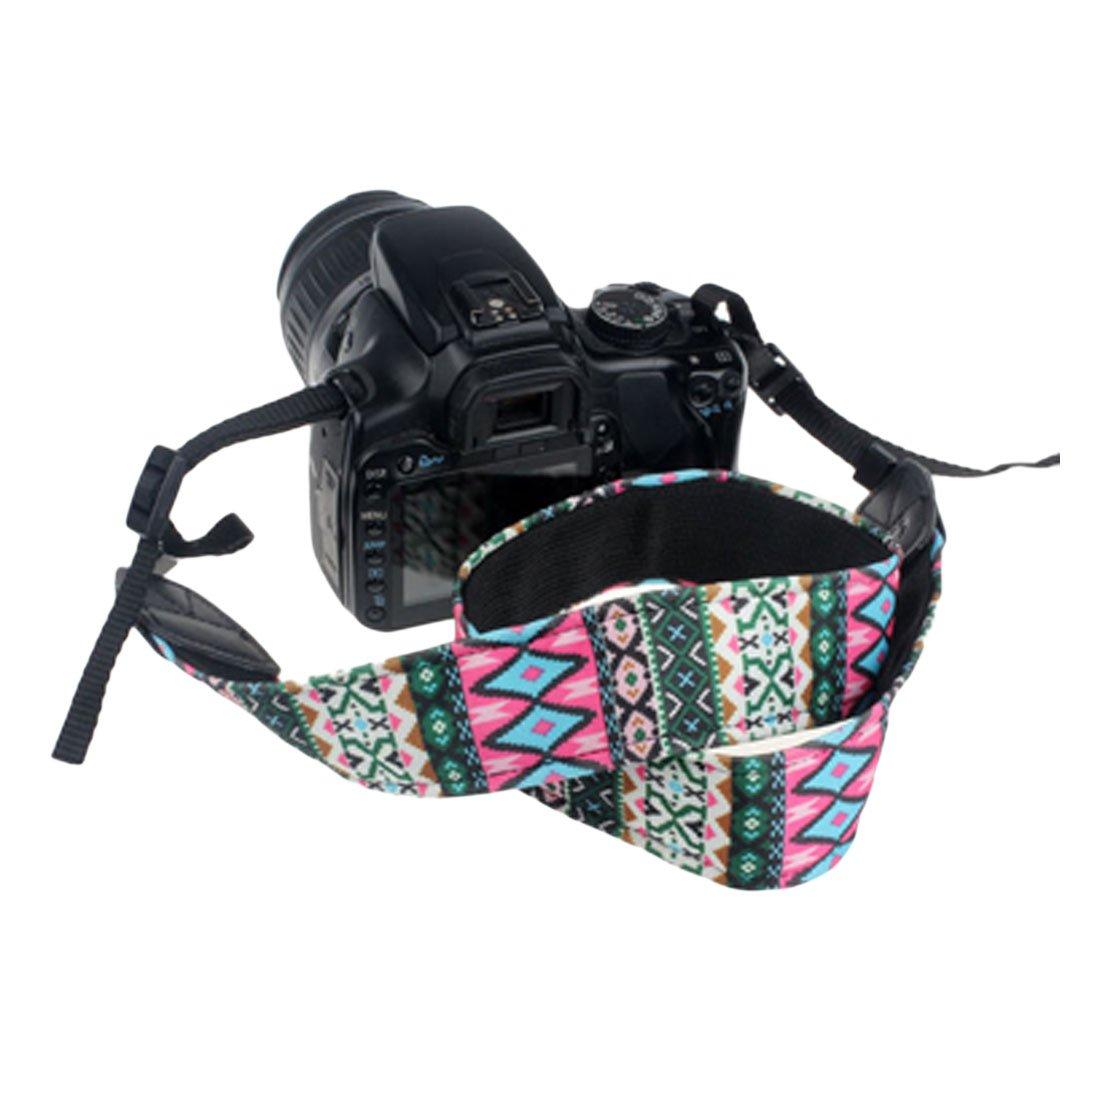 Correa para c/ámara de Fotos de Neopreno y compactas Bolsillos Flexibles de Neopreno para Accesorios para Canon Nikon Sony y Muchas m/ás